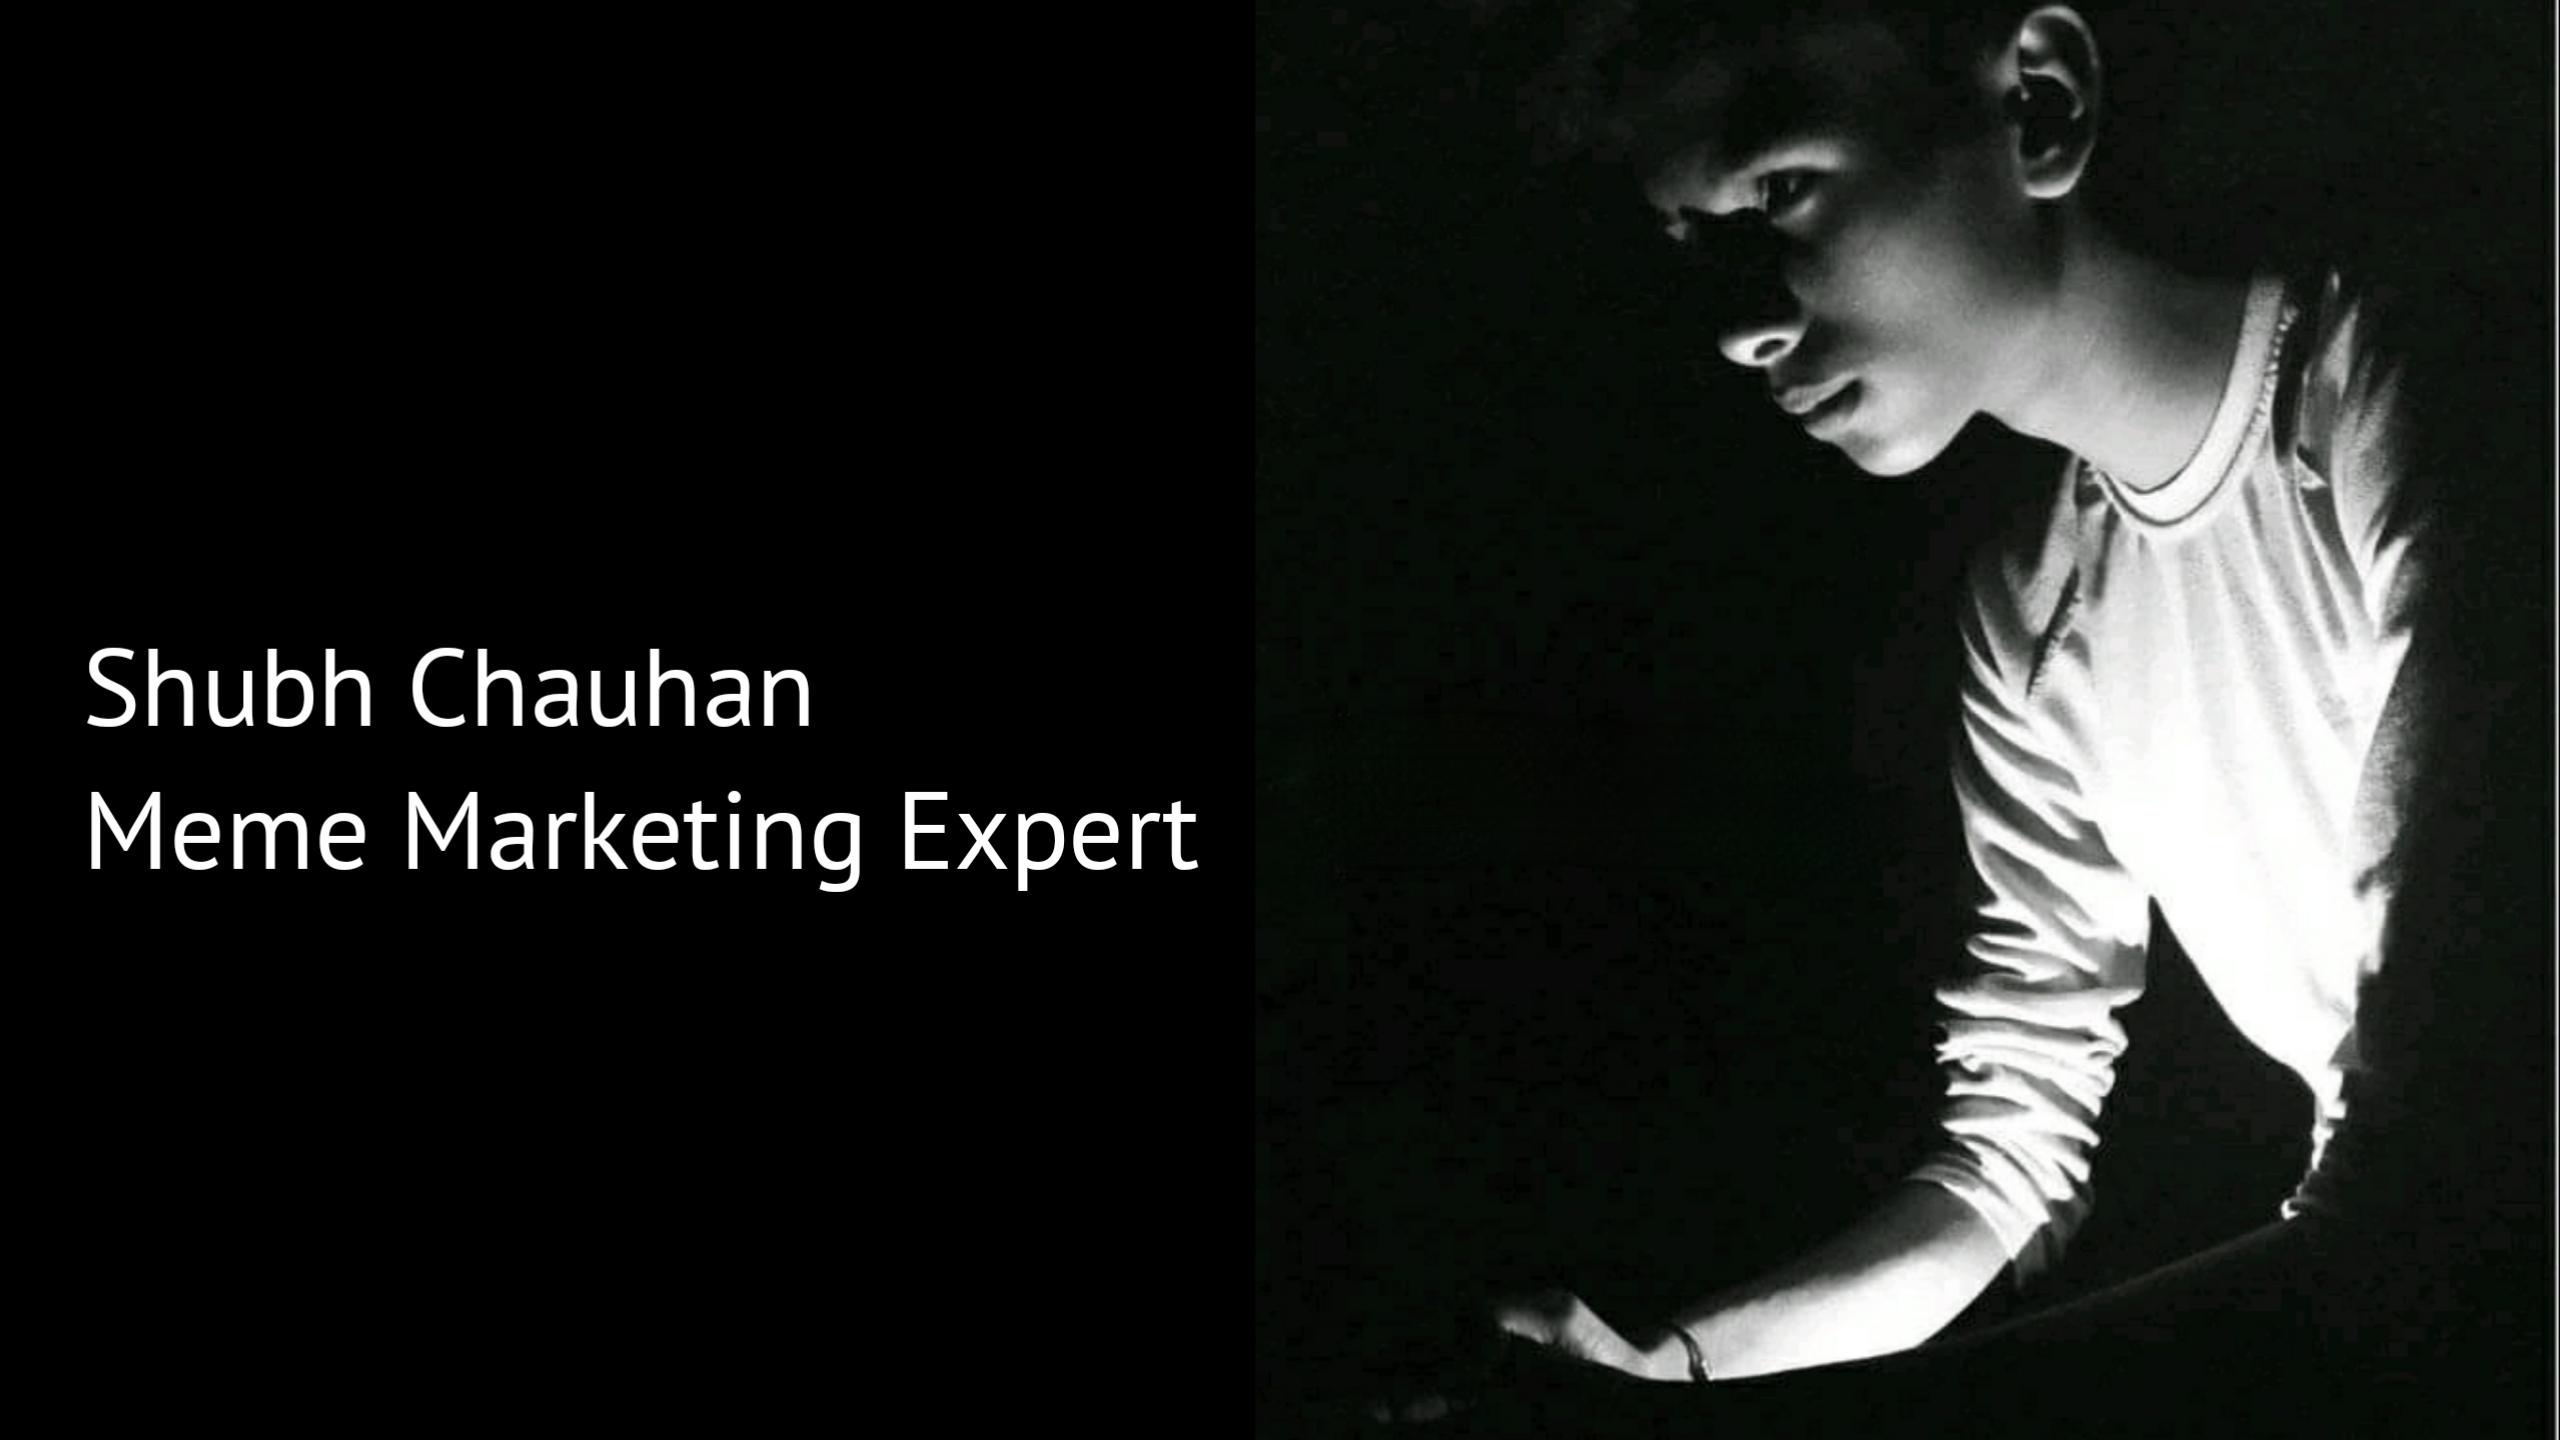 Meet Shubh Chauhan A Gen-Z who is memefying brands!